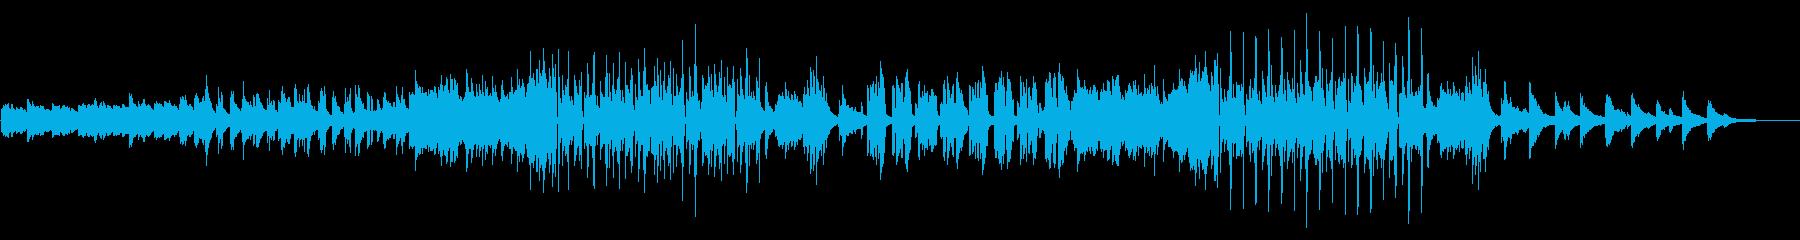 ピアノとアコギの爽やかな落ち着くBGMの再生済みの波形